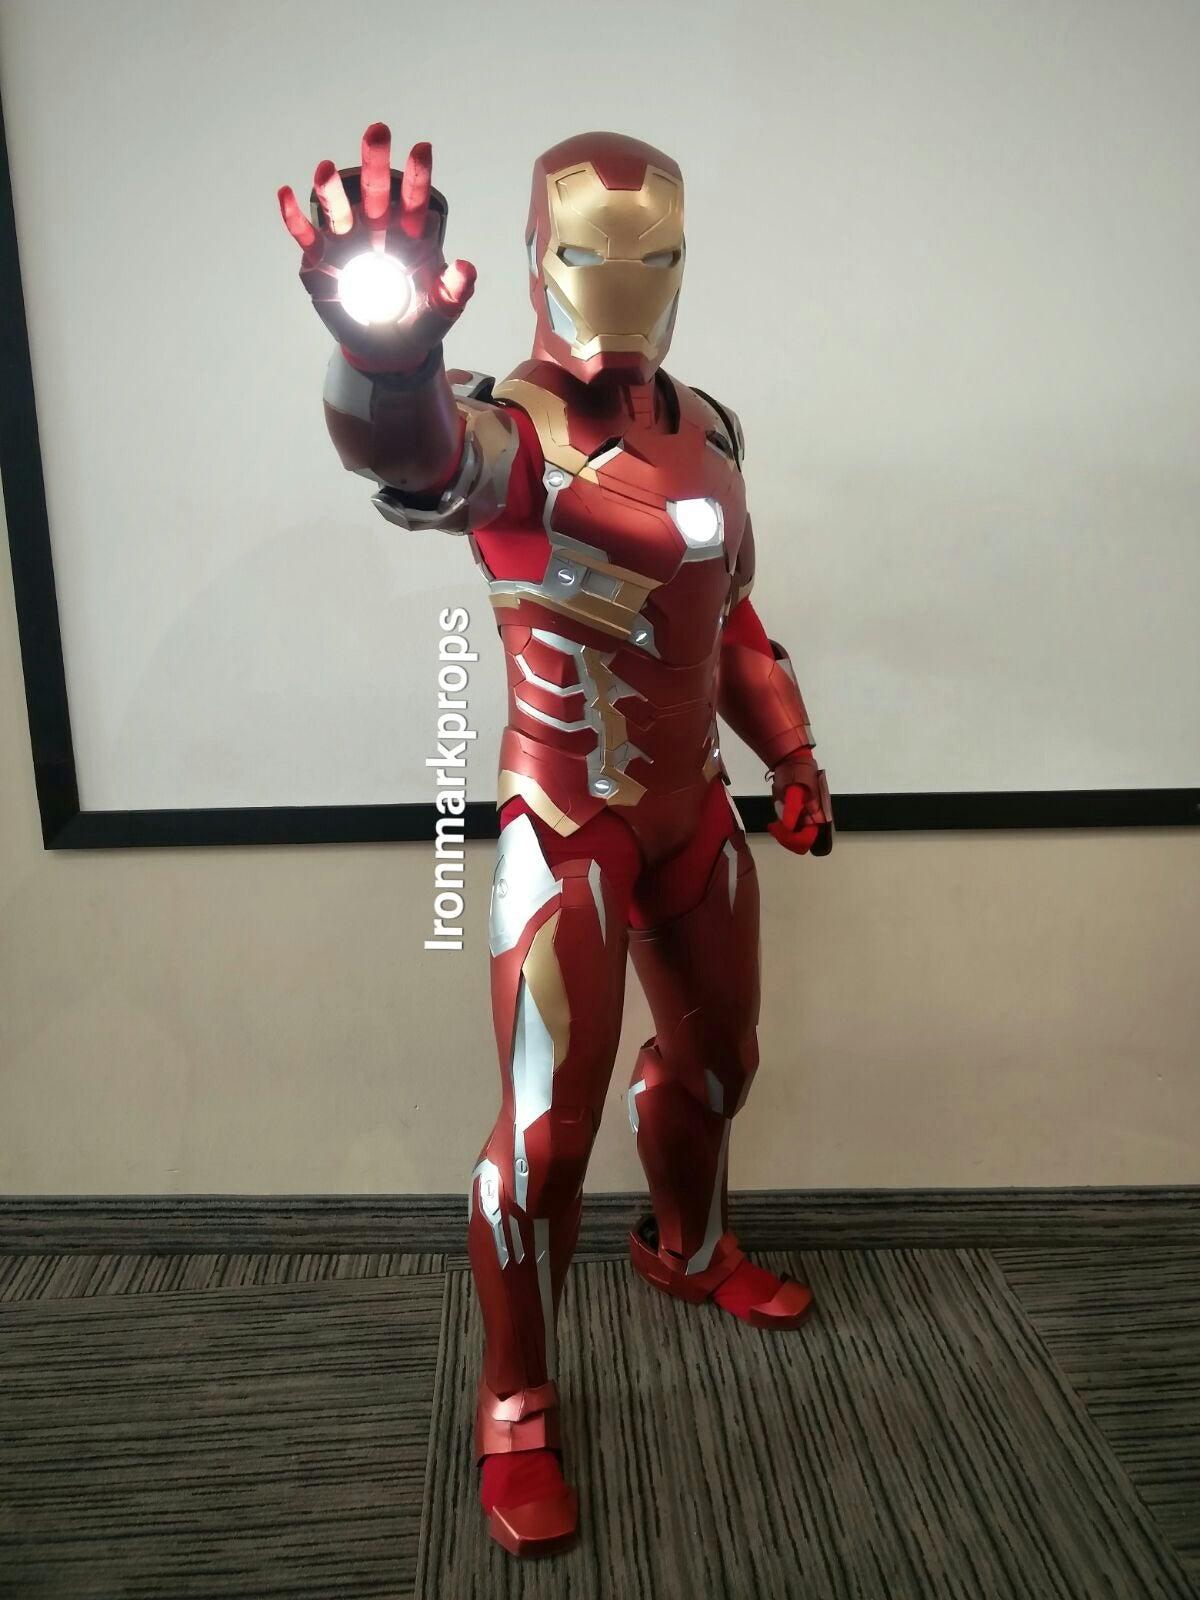 Sweet Iron Man Cosplay, Guy Who Is Not Tony Stark